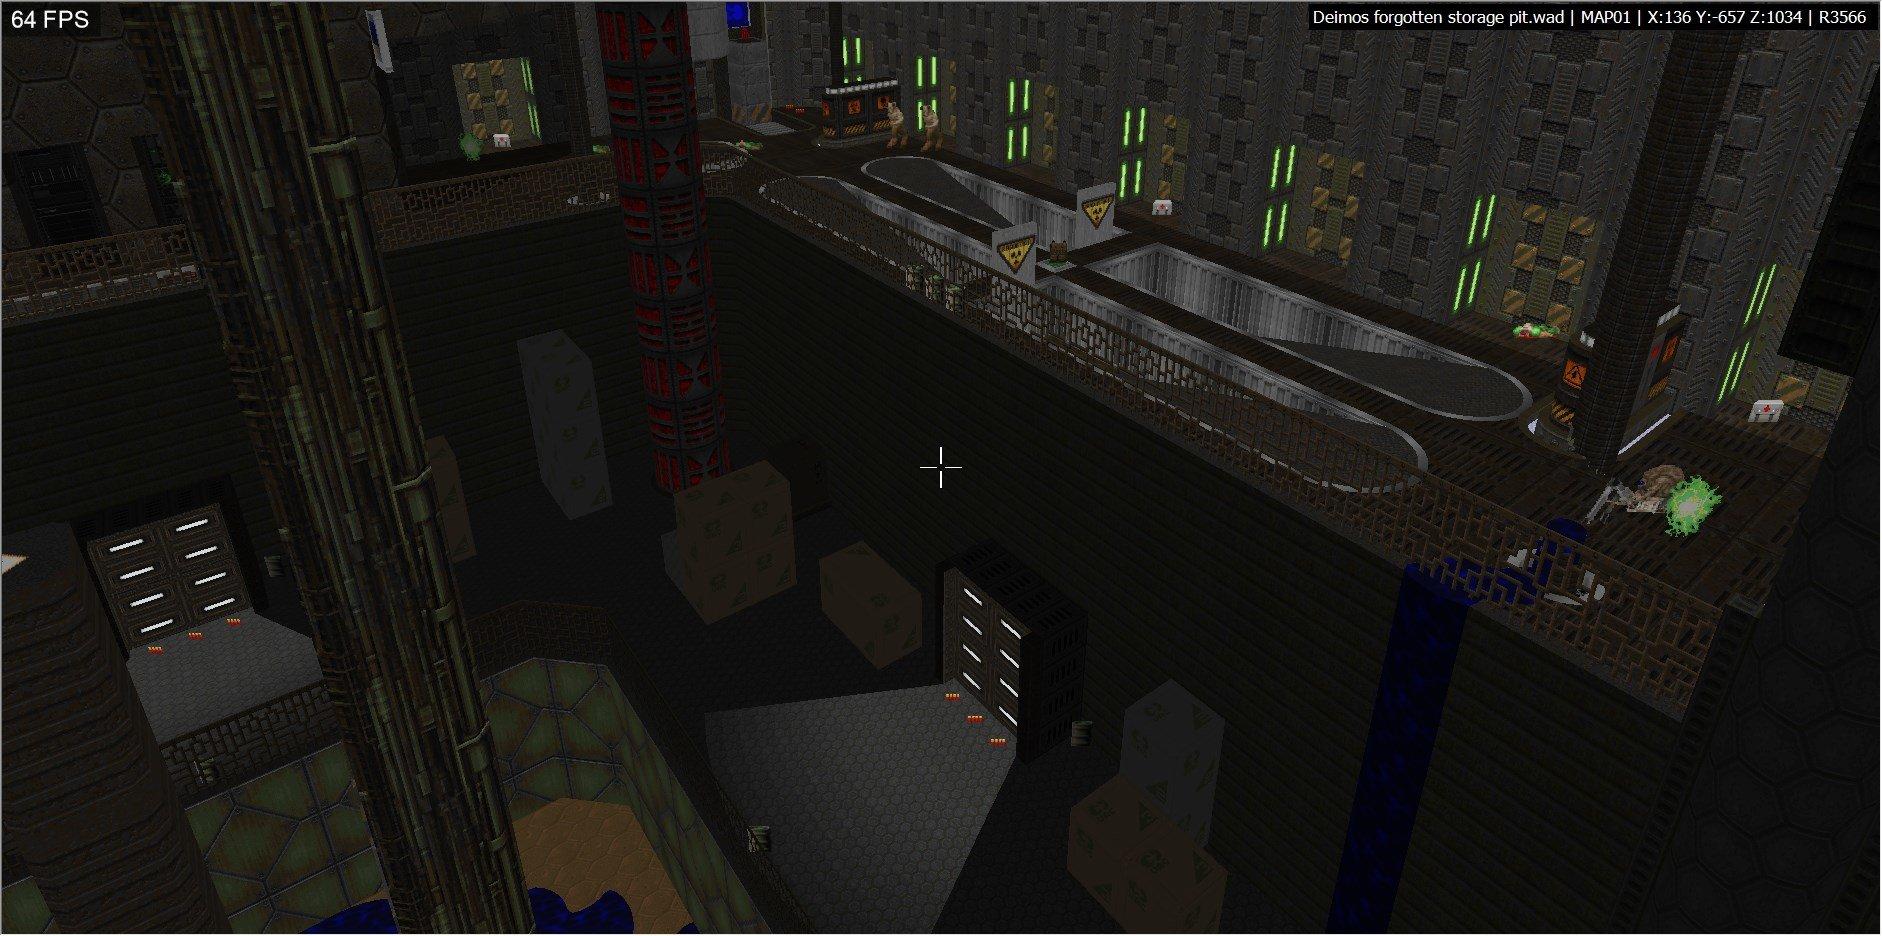 Deimos forgotten storage pit (edit area) at 2020.09.21 18-35-06.360 [R3566].jpg